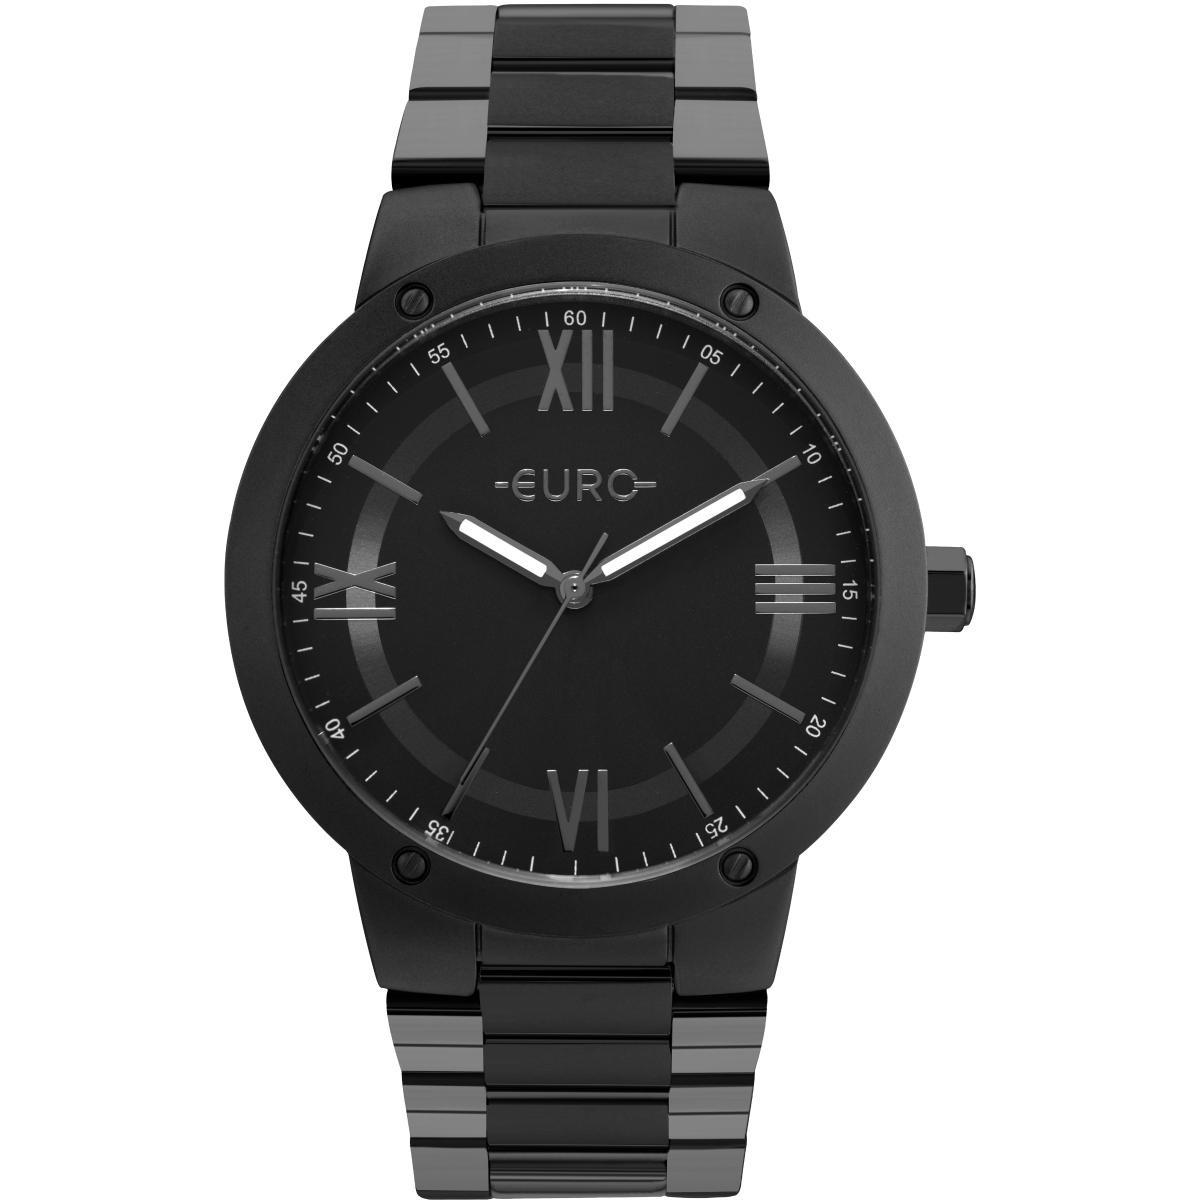 3e88ec08e11 Relógio Feminino Euro Eu2035ymv 4p Pulseira Aço Preta - R  326